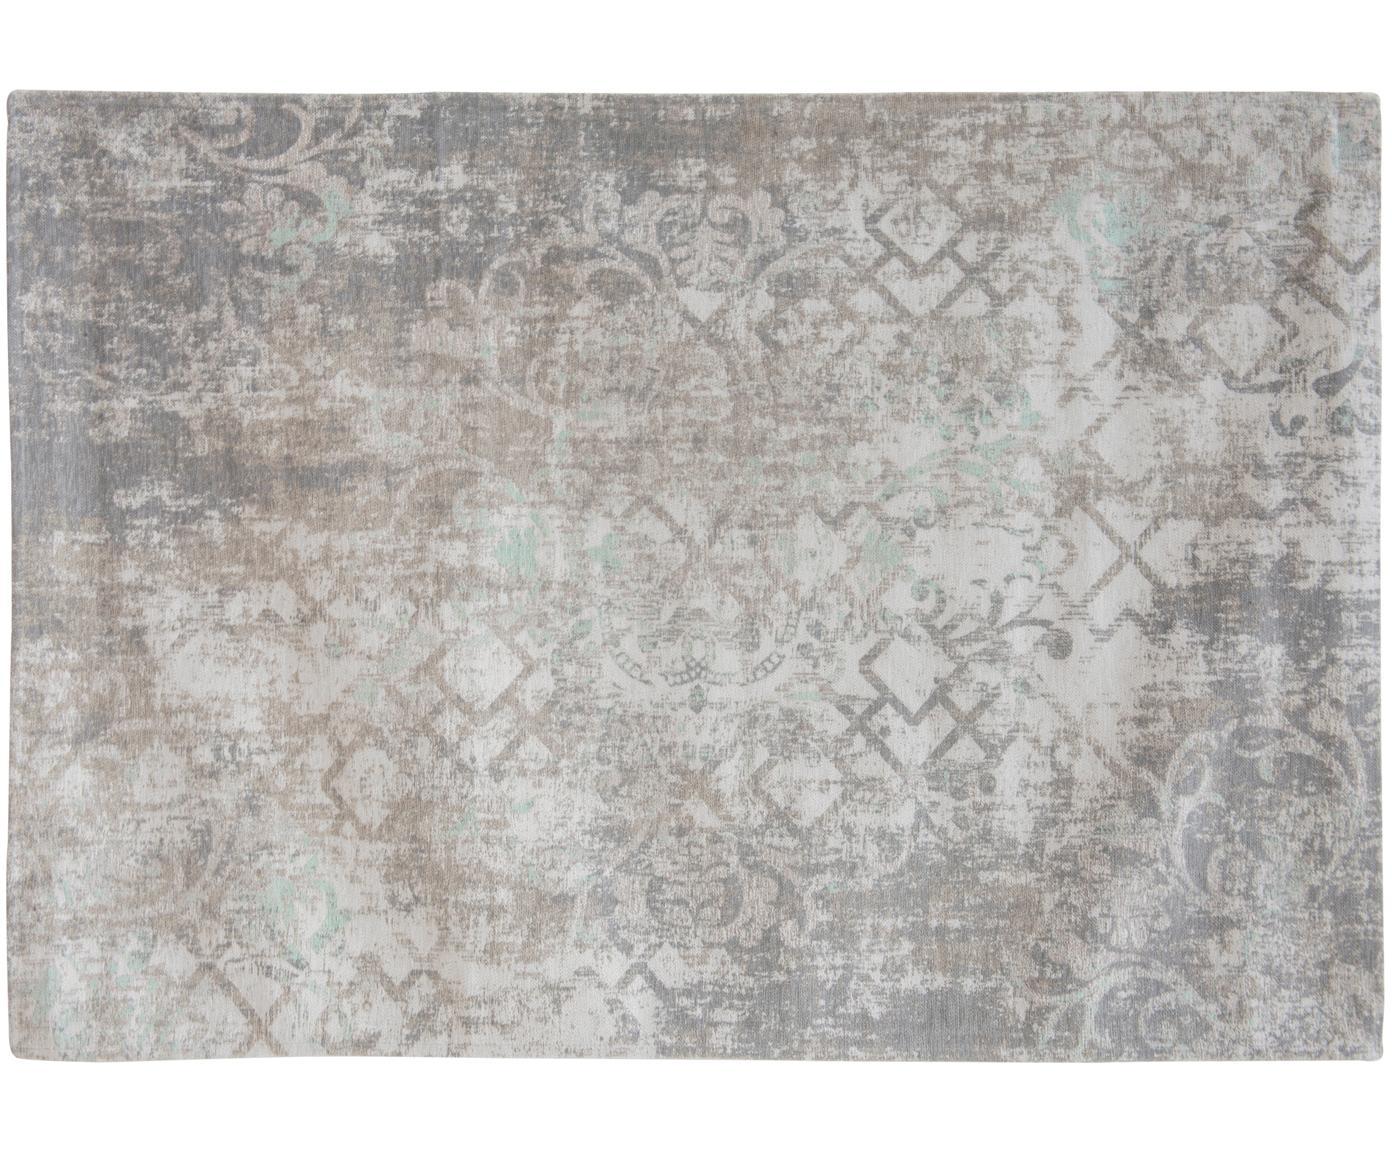 Tappeto vintage in ciniglia Babylon, Tessuto: Jacquard, Retro: Filato di ciniglia, rives, Grigio, beige, Larg. 140 x Lung. 200 cm (taglia S)